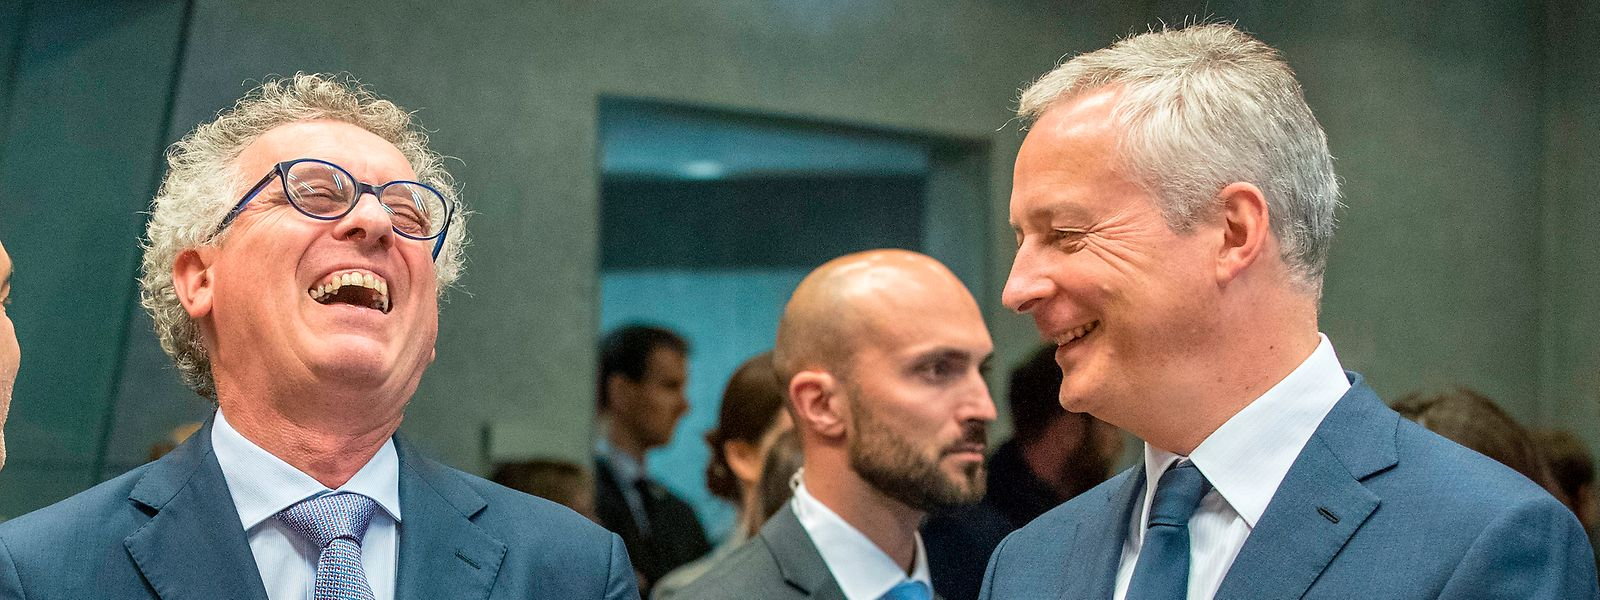 Signataires de la convention fiscale mise en cause, les ministres des Finances luxembourgeois et français n'ont encore fait aucun commentaire officiel sur la colère des contribuables frontaliers.